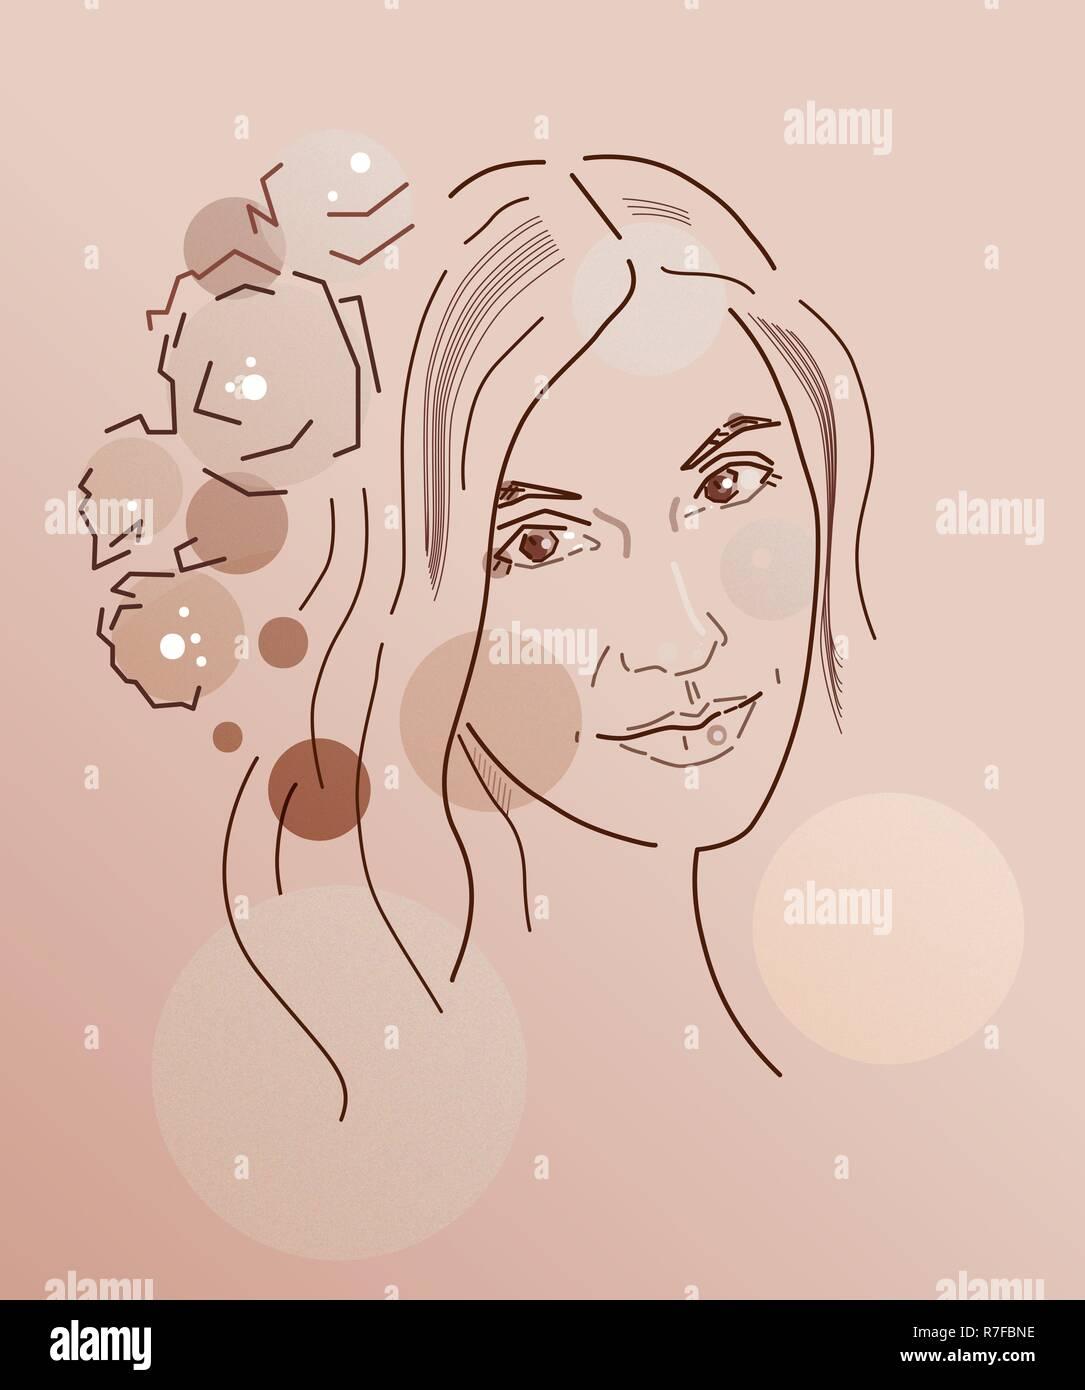 Abstrakte Zeichnung des Gesichts ein Mädchen in einem Kranz aus Blumen, von Hand zeichnen, Computer Graphics. Für Print, Plakat, Avatar, Artikel Abbildung. Stockbild